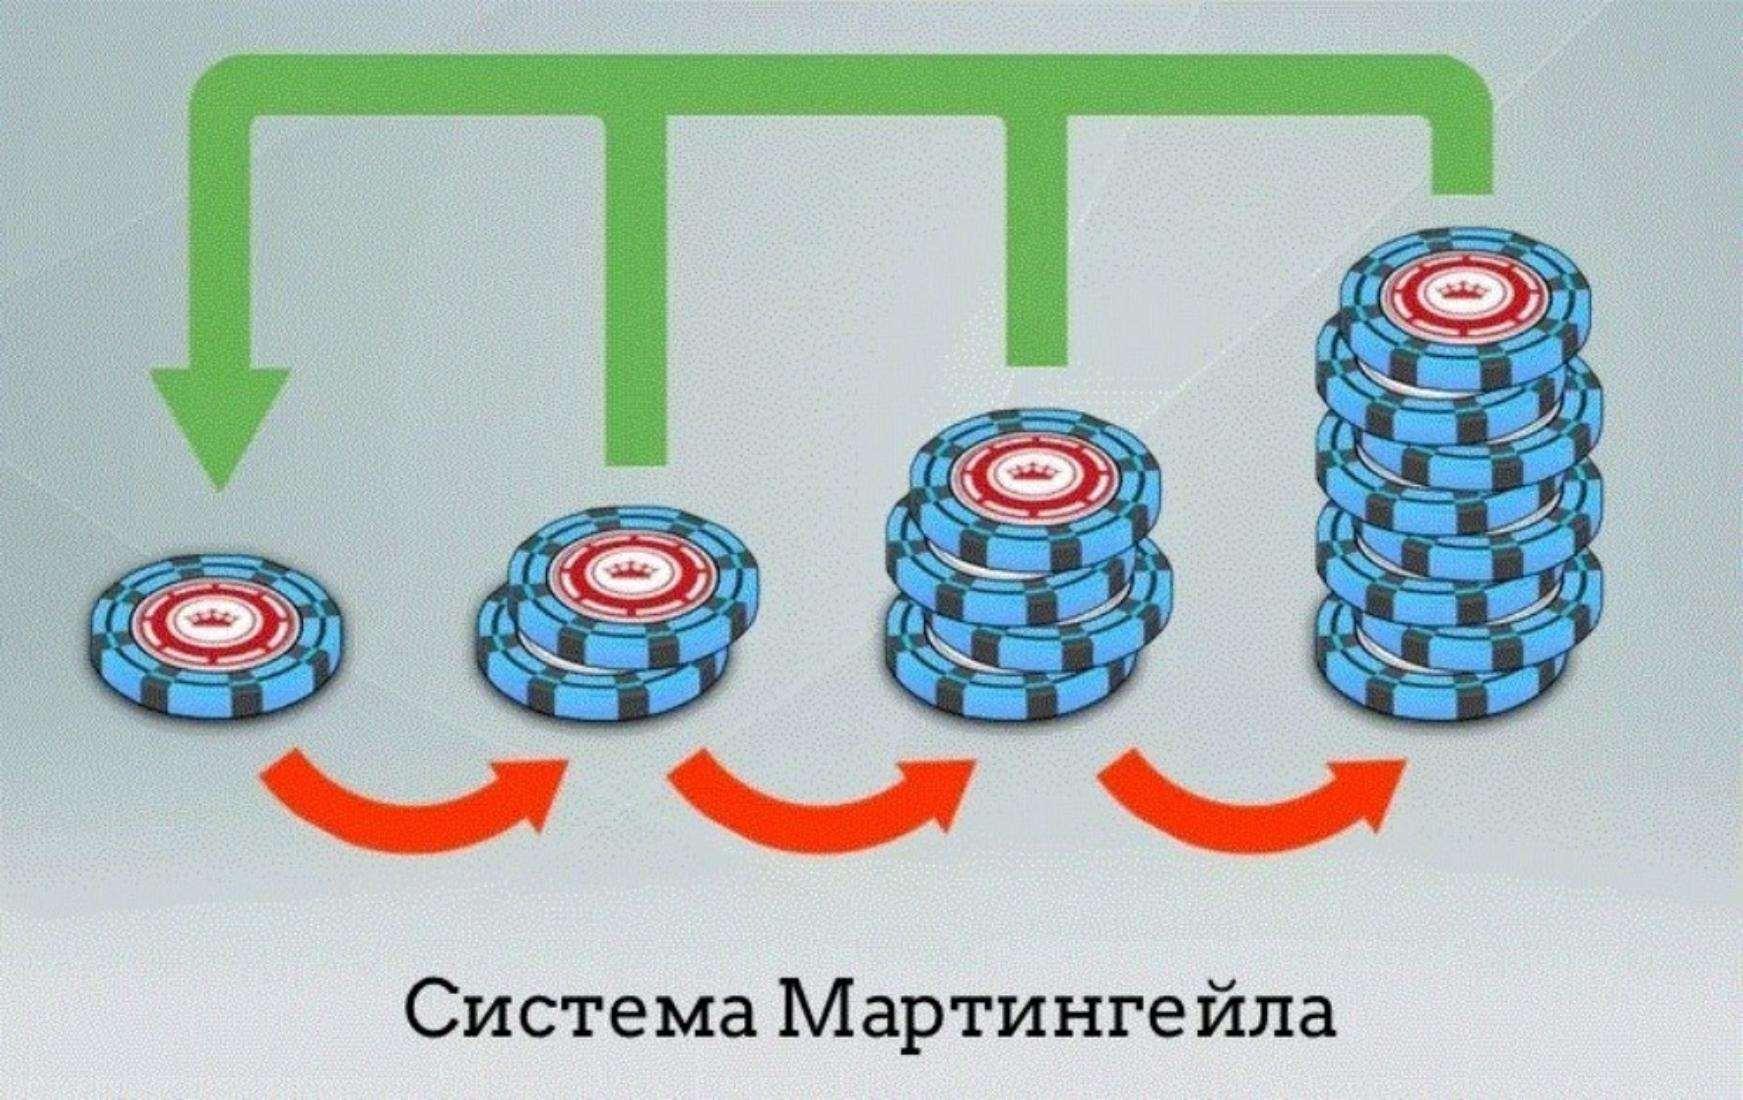 Мартингейл стратегия, метод торговли